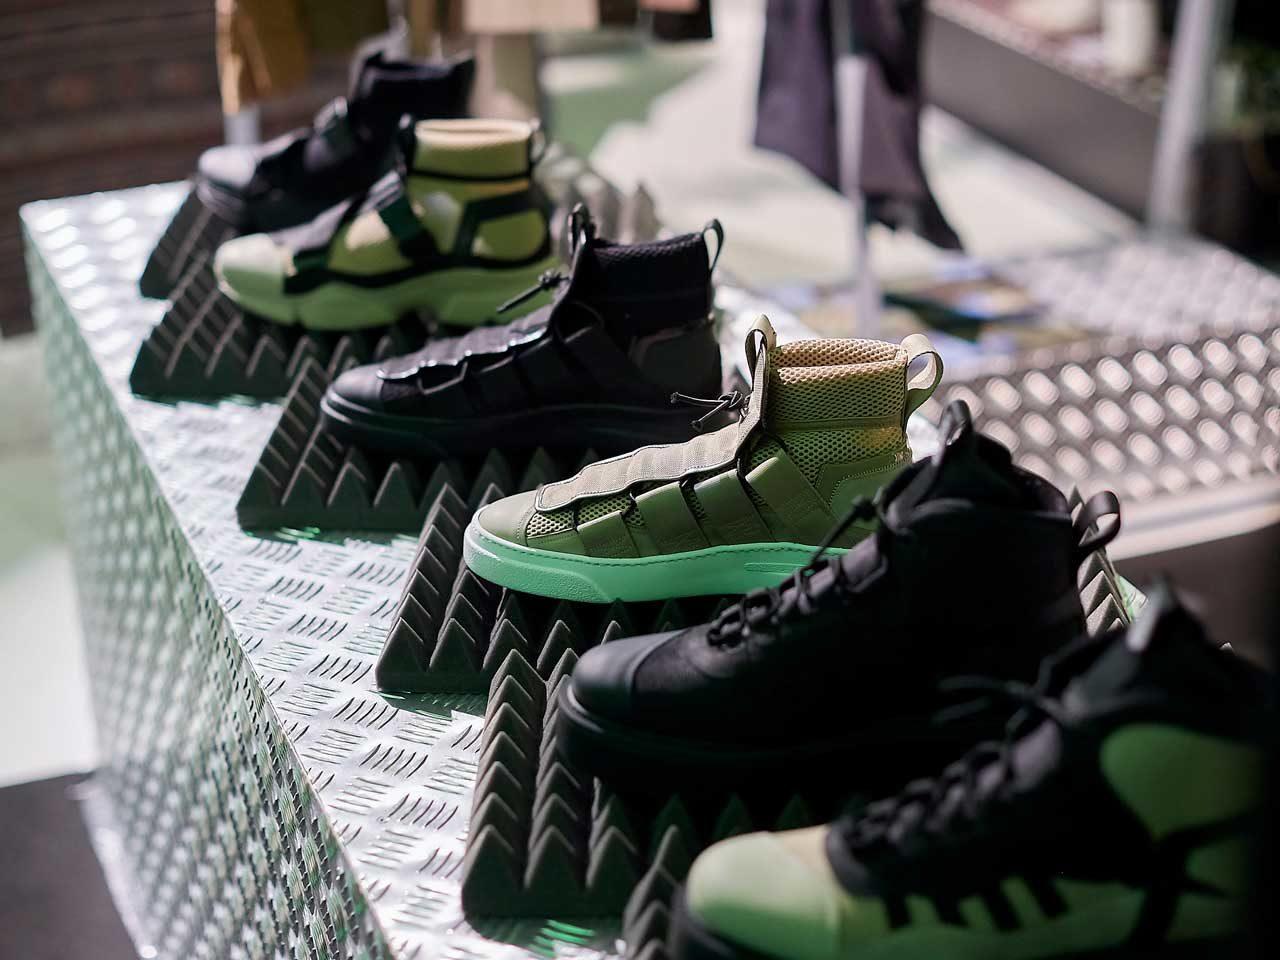 PITTI IMMAGINE UOMO sneakers